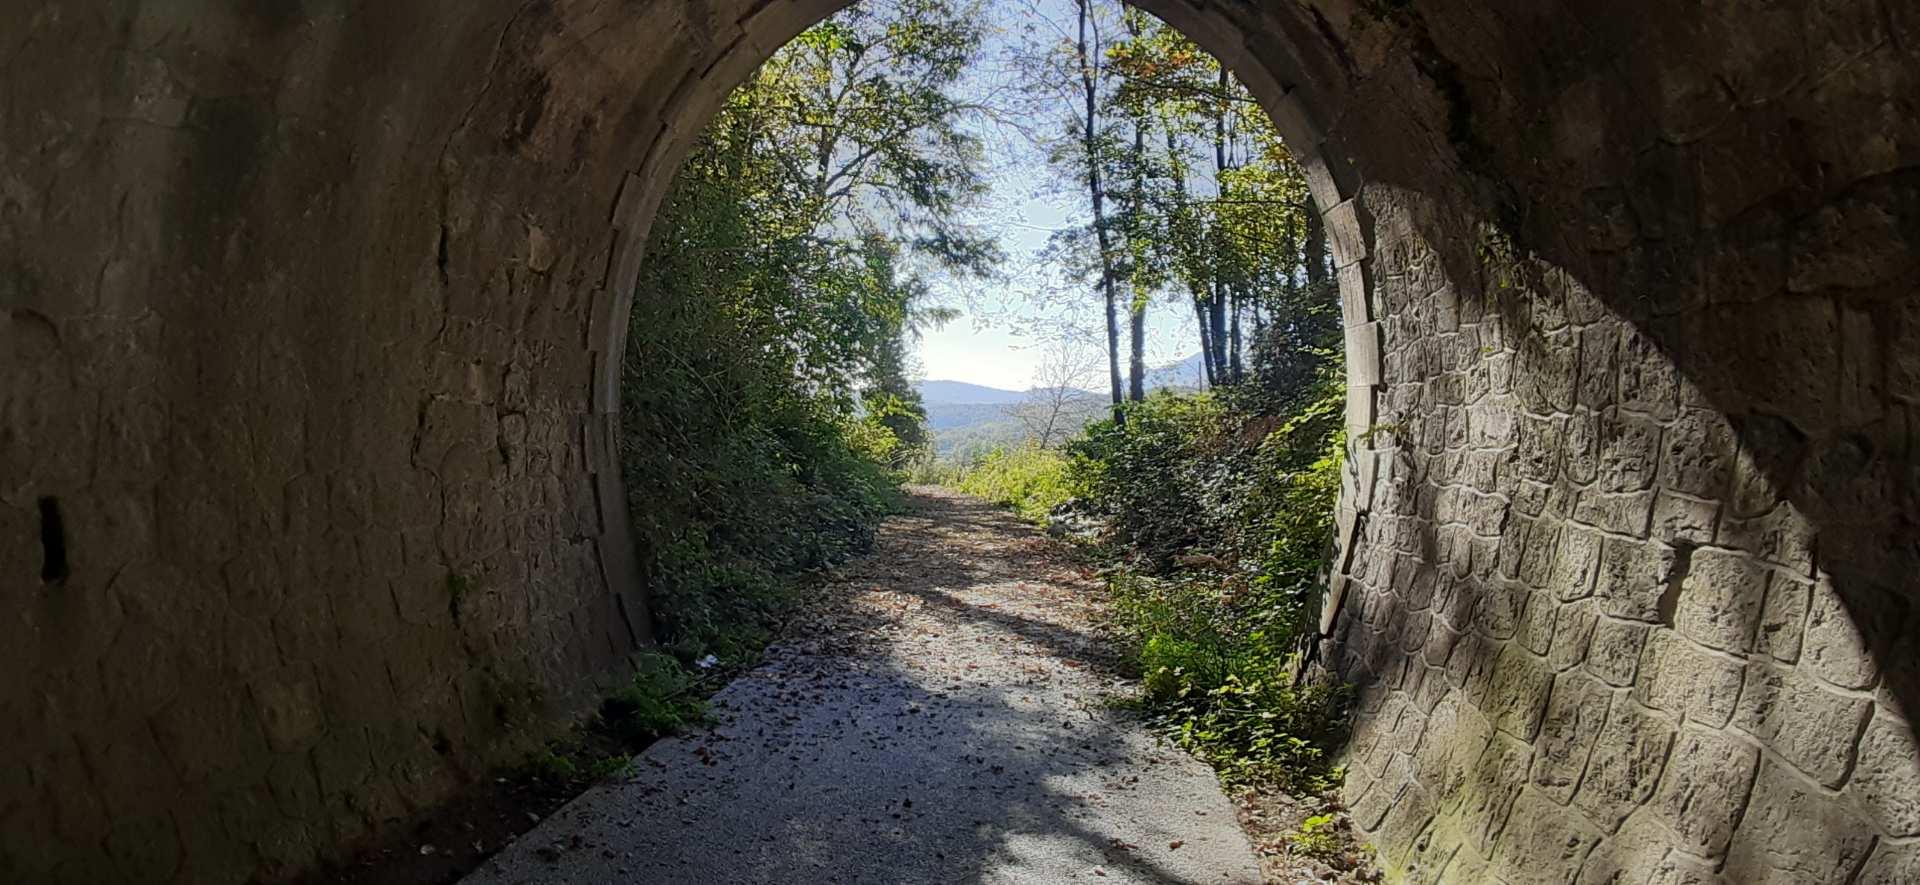 galleria elicoidale ciclabile ex ferrovia Lagonegro-Spezzano Albanese